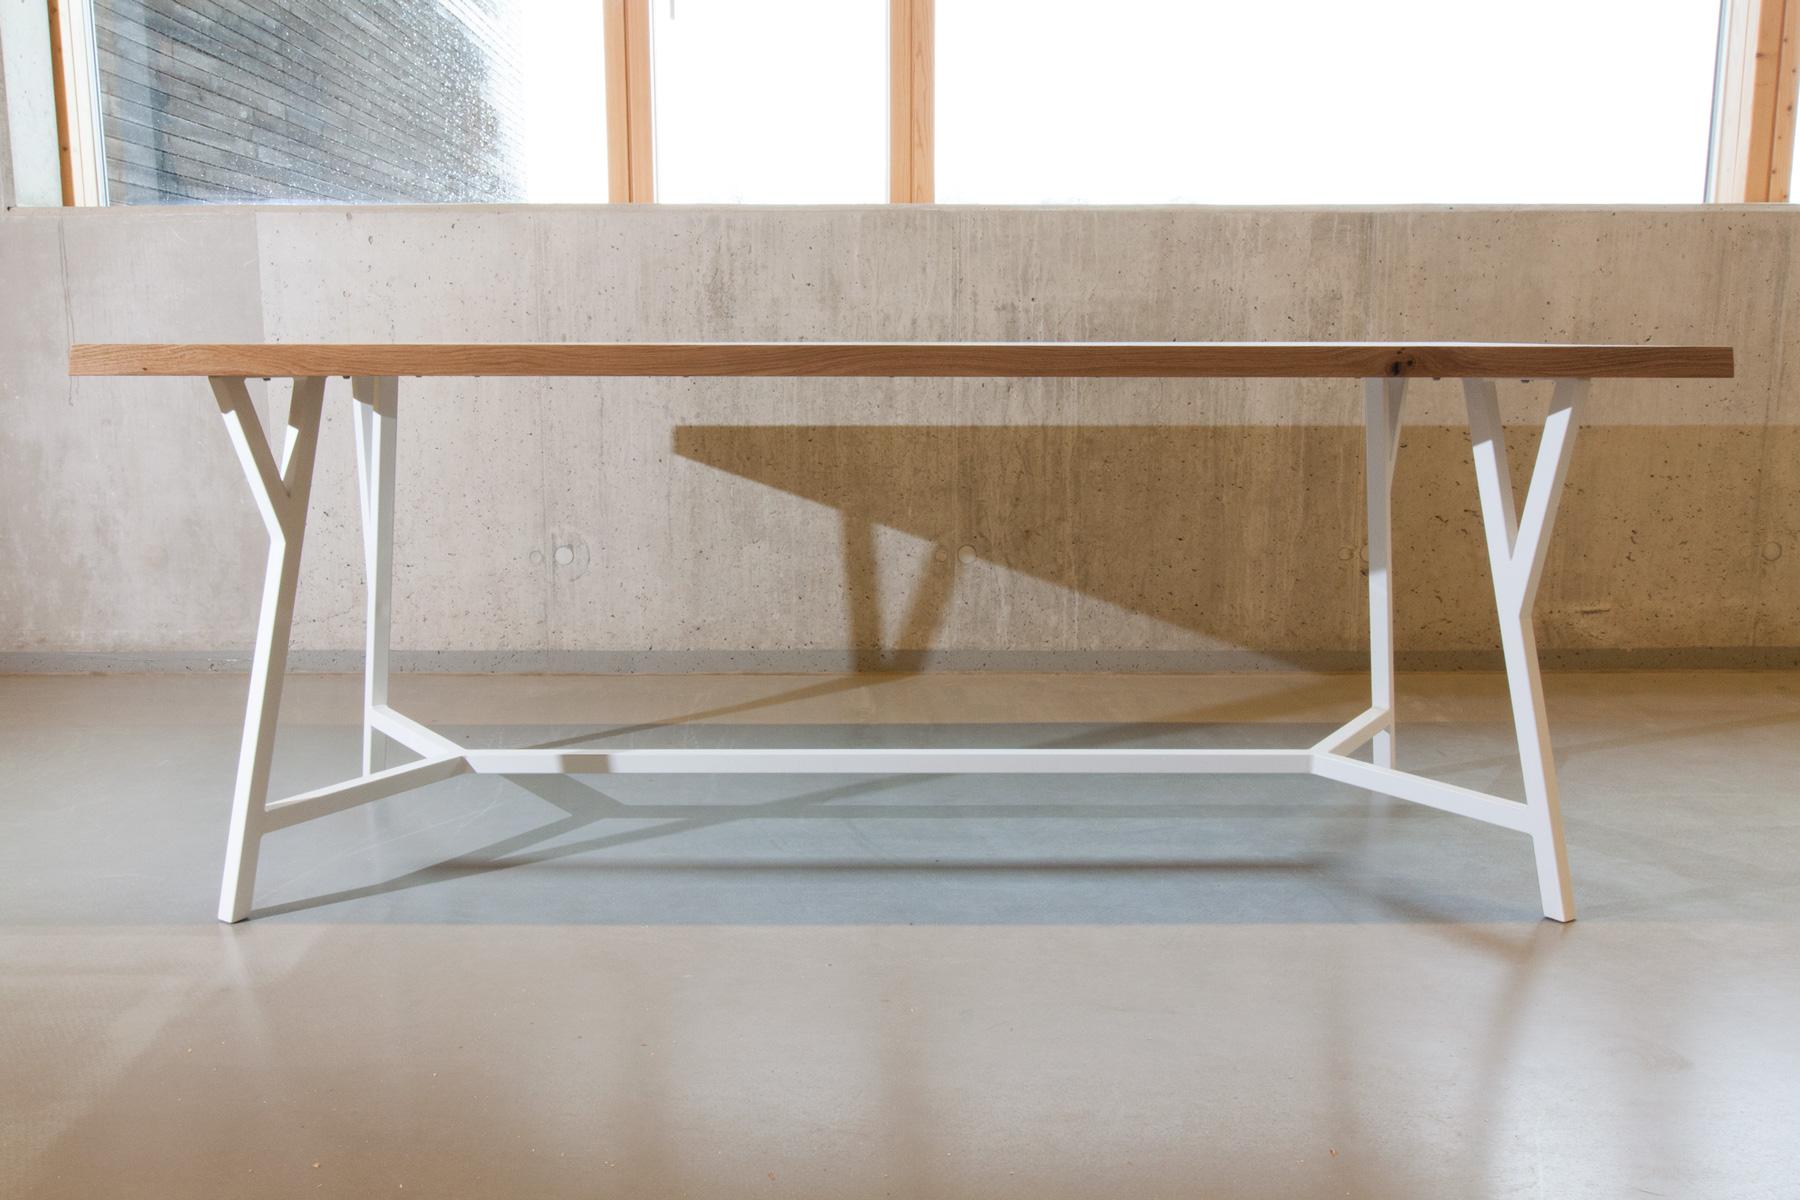 Möbelbau - Individueller Möbel- oder Innenausbau gehört auch zu unserem Repertoire. Sonderanfertigungen sind Programm, keine Ausnahmen.